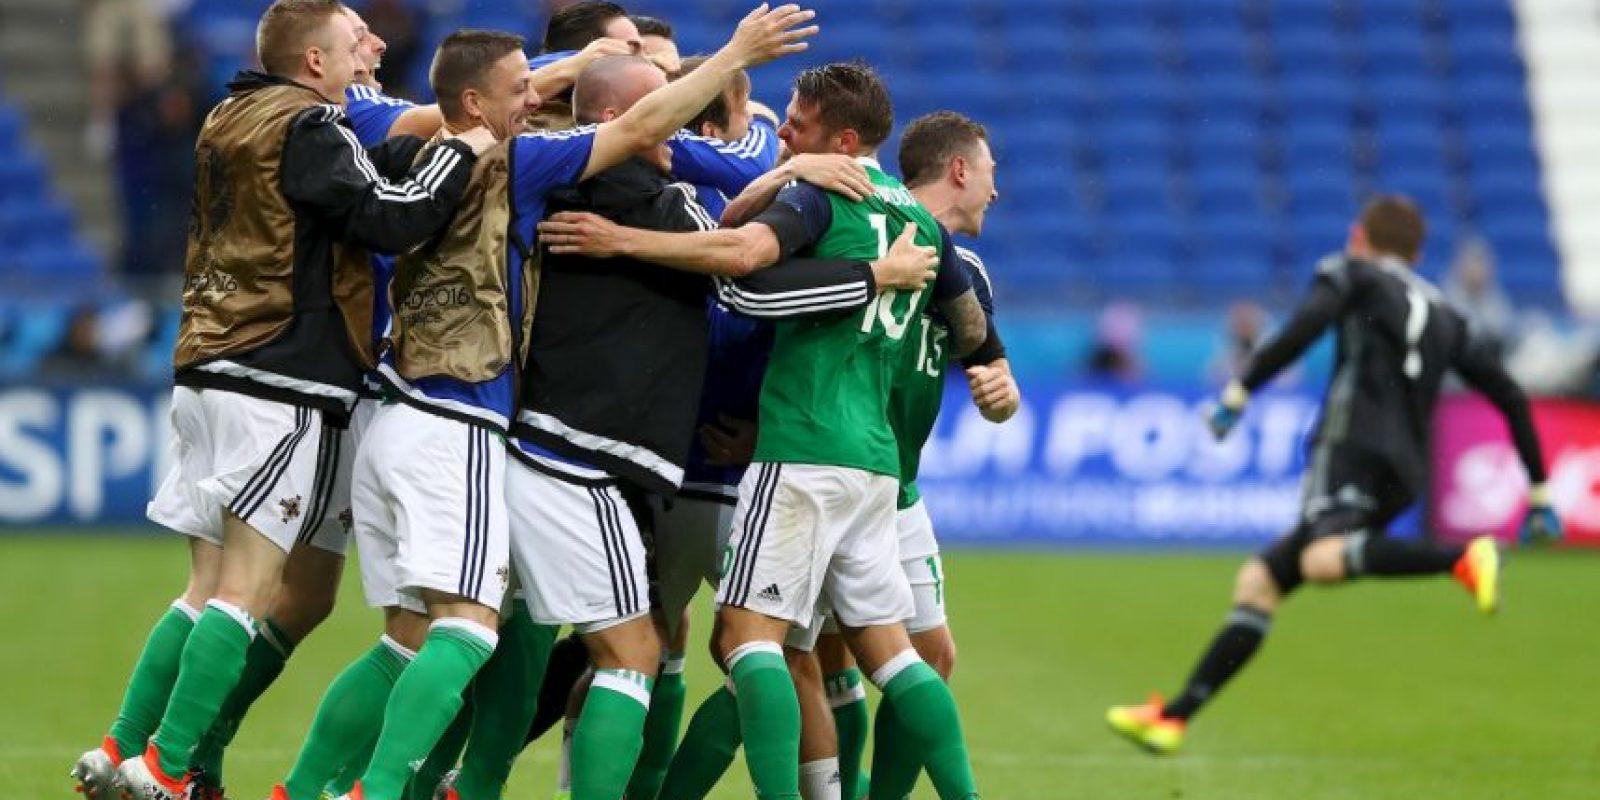 Irlanda del Norte, por su parte, buscará un punto que les permita soñar con los octavos de final para pasar como uno de los mejores terceros Foto:Getty Images